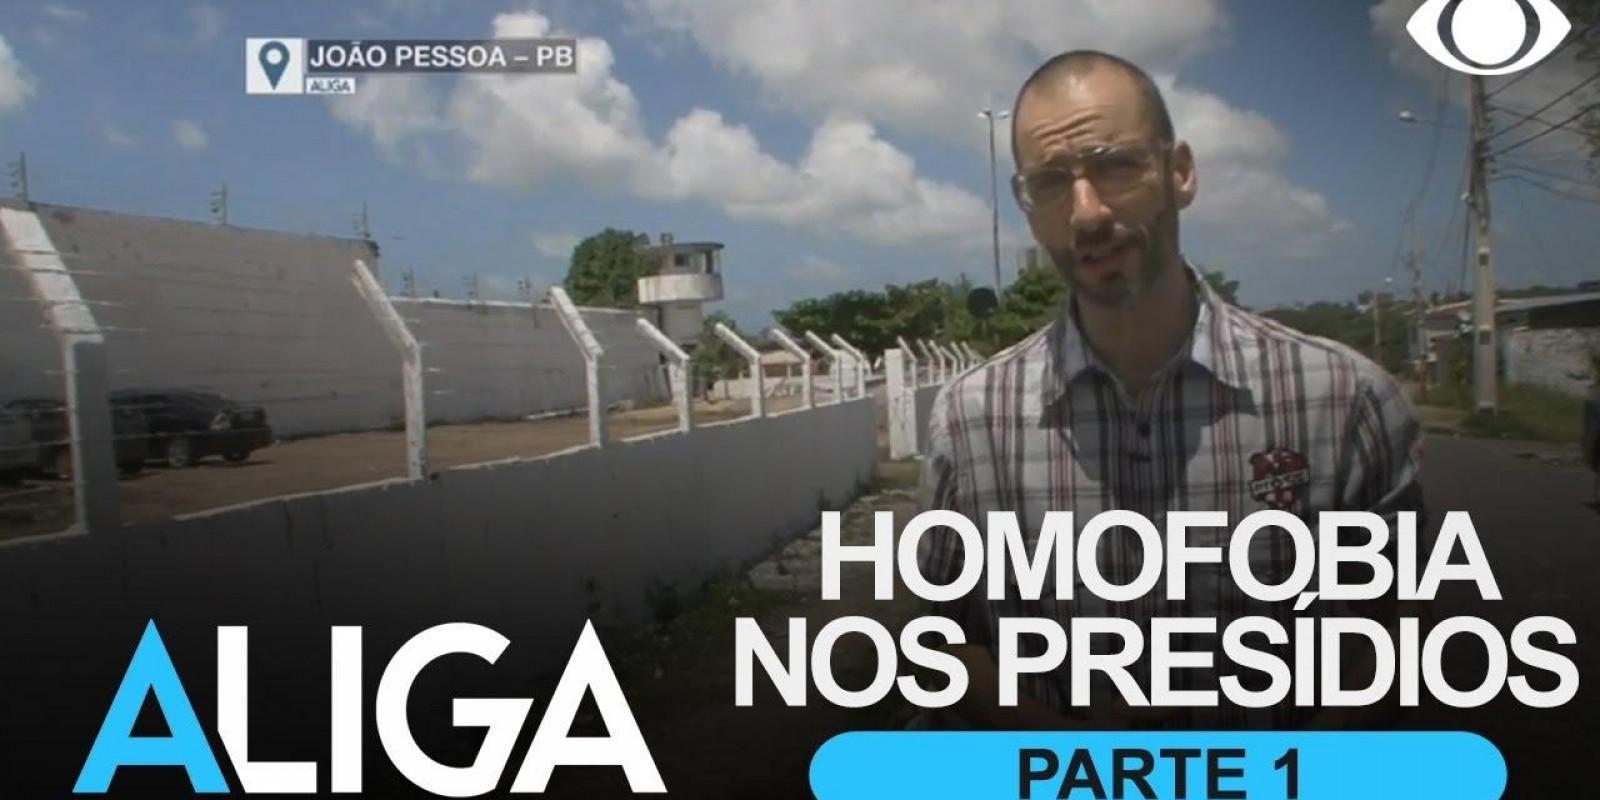 A Homofobia Nos Presídios